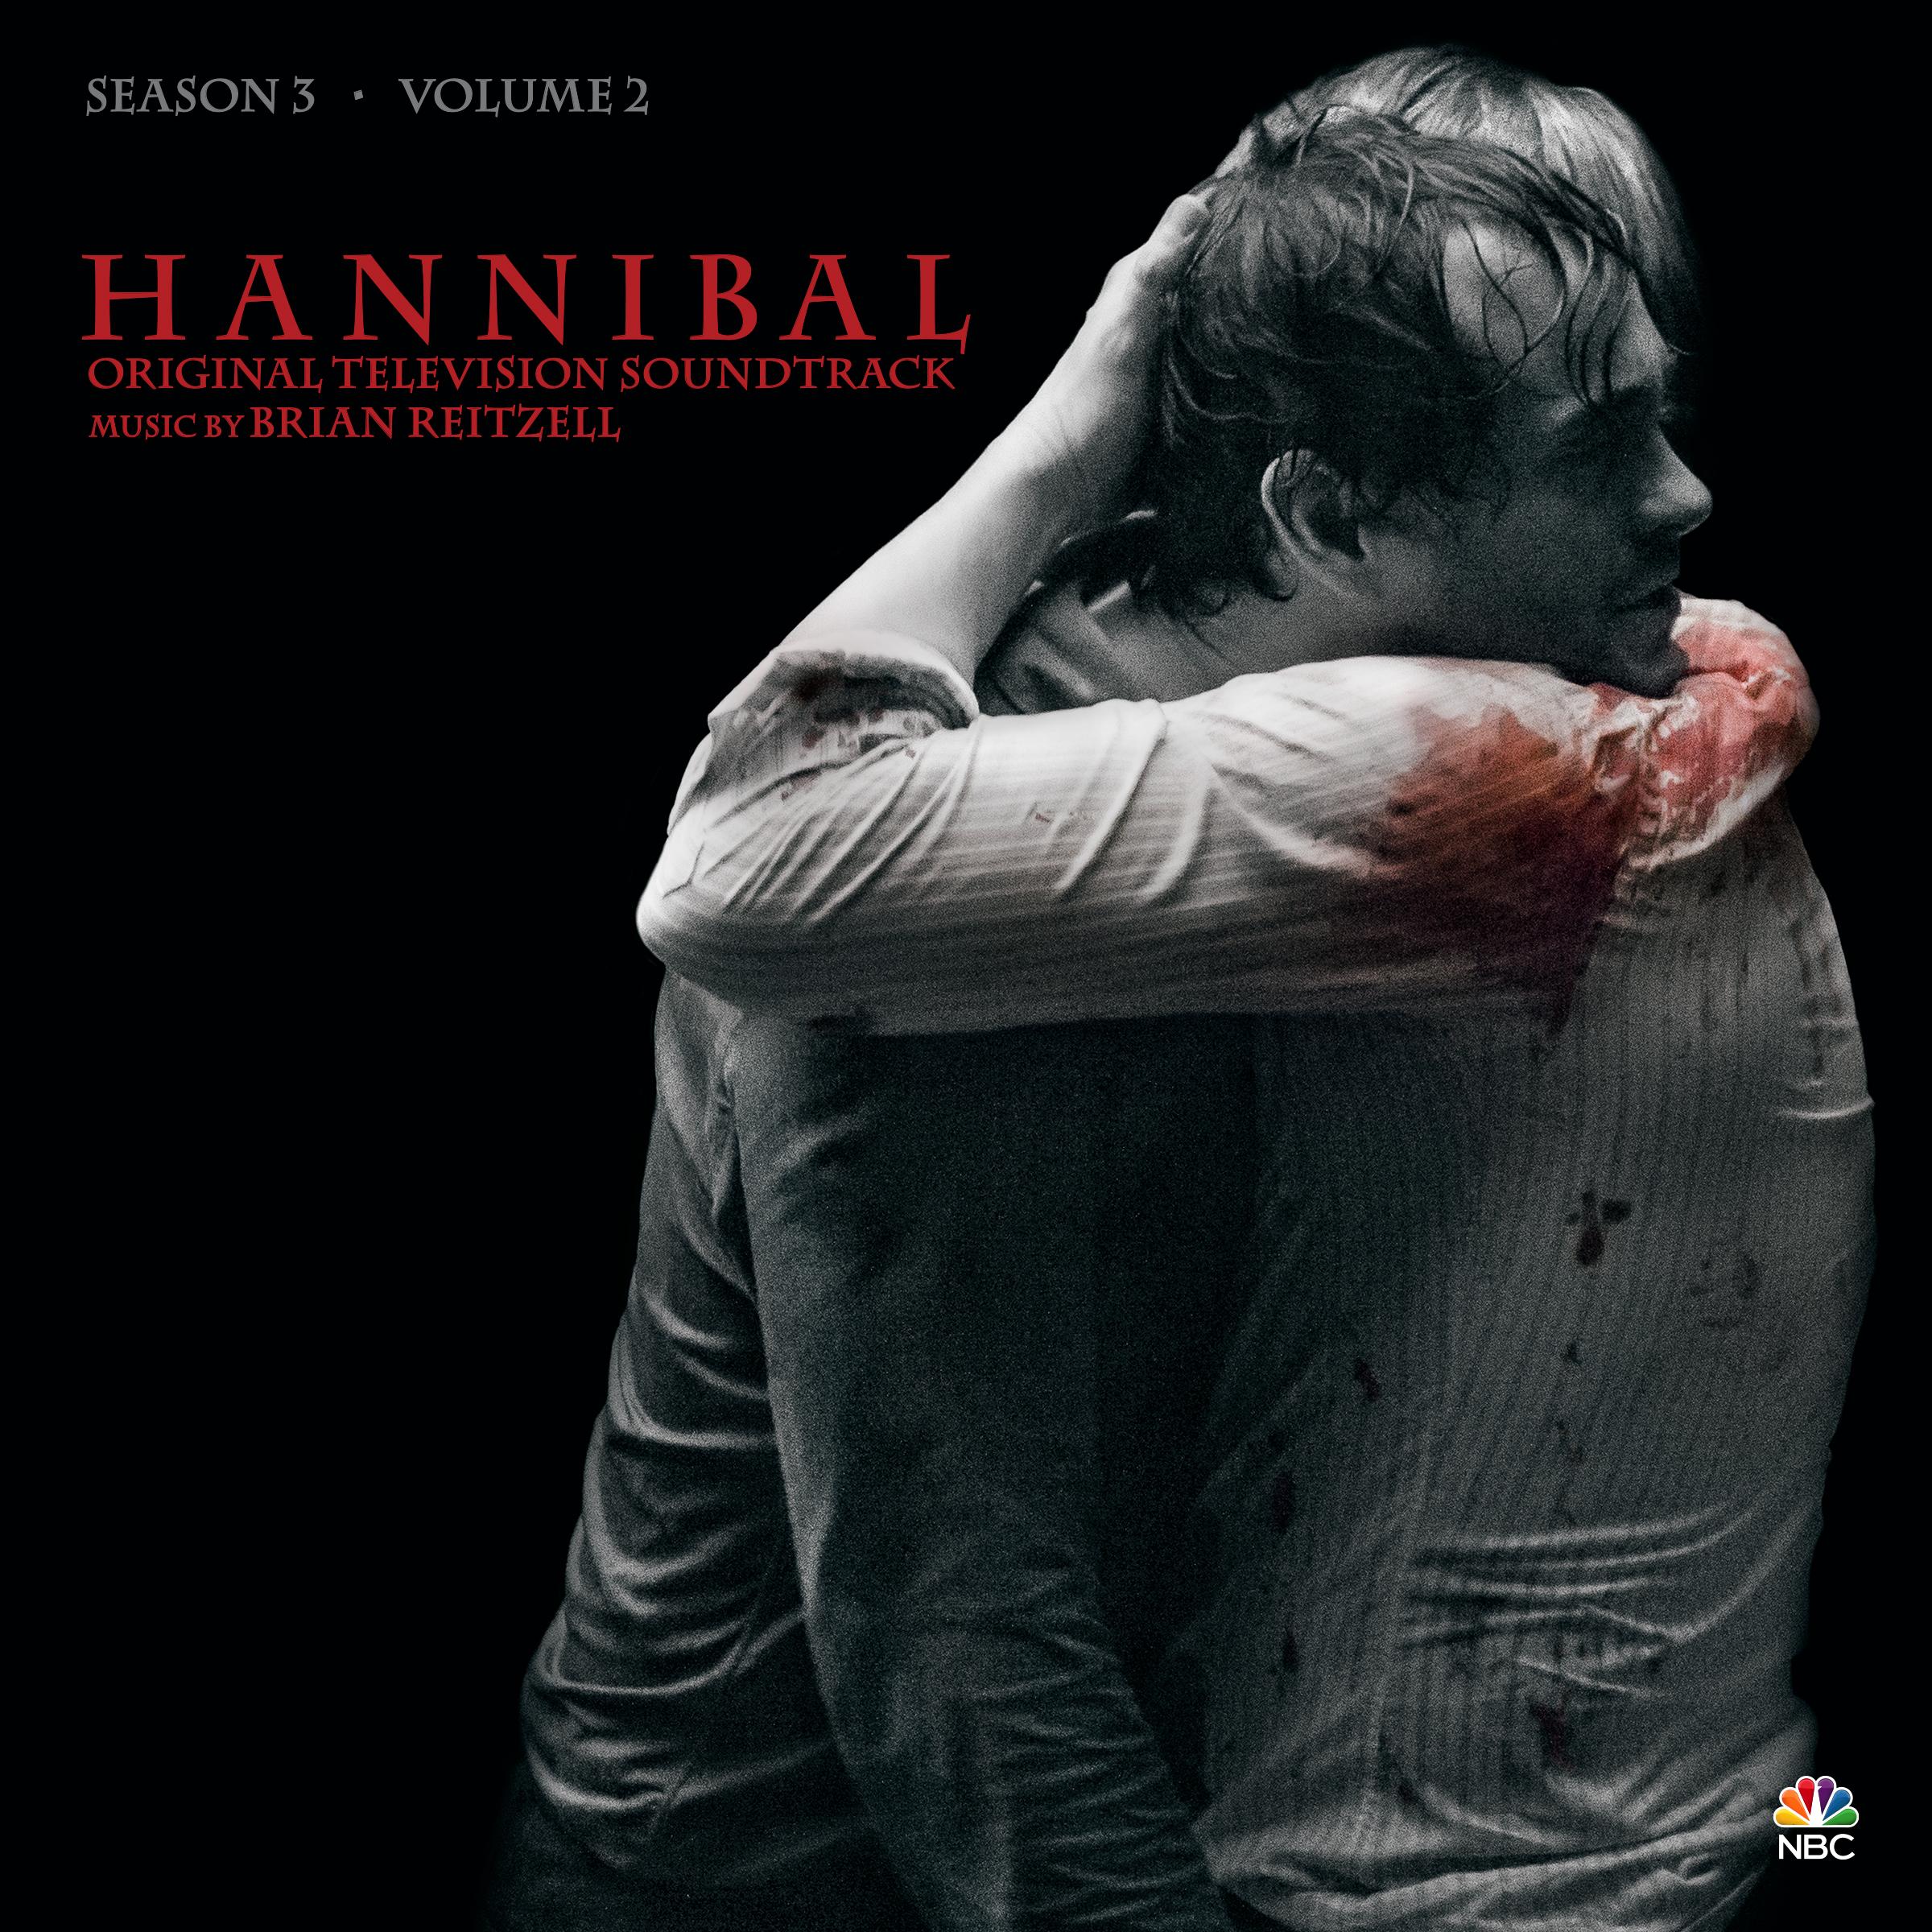 hannibal-season-3-volme-2_2400.jpg